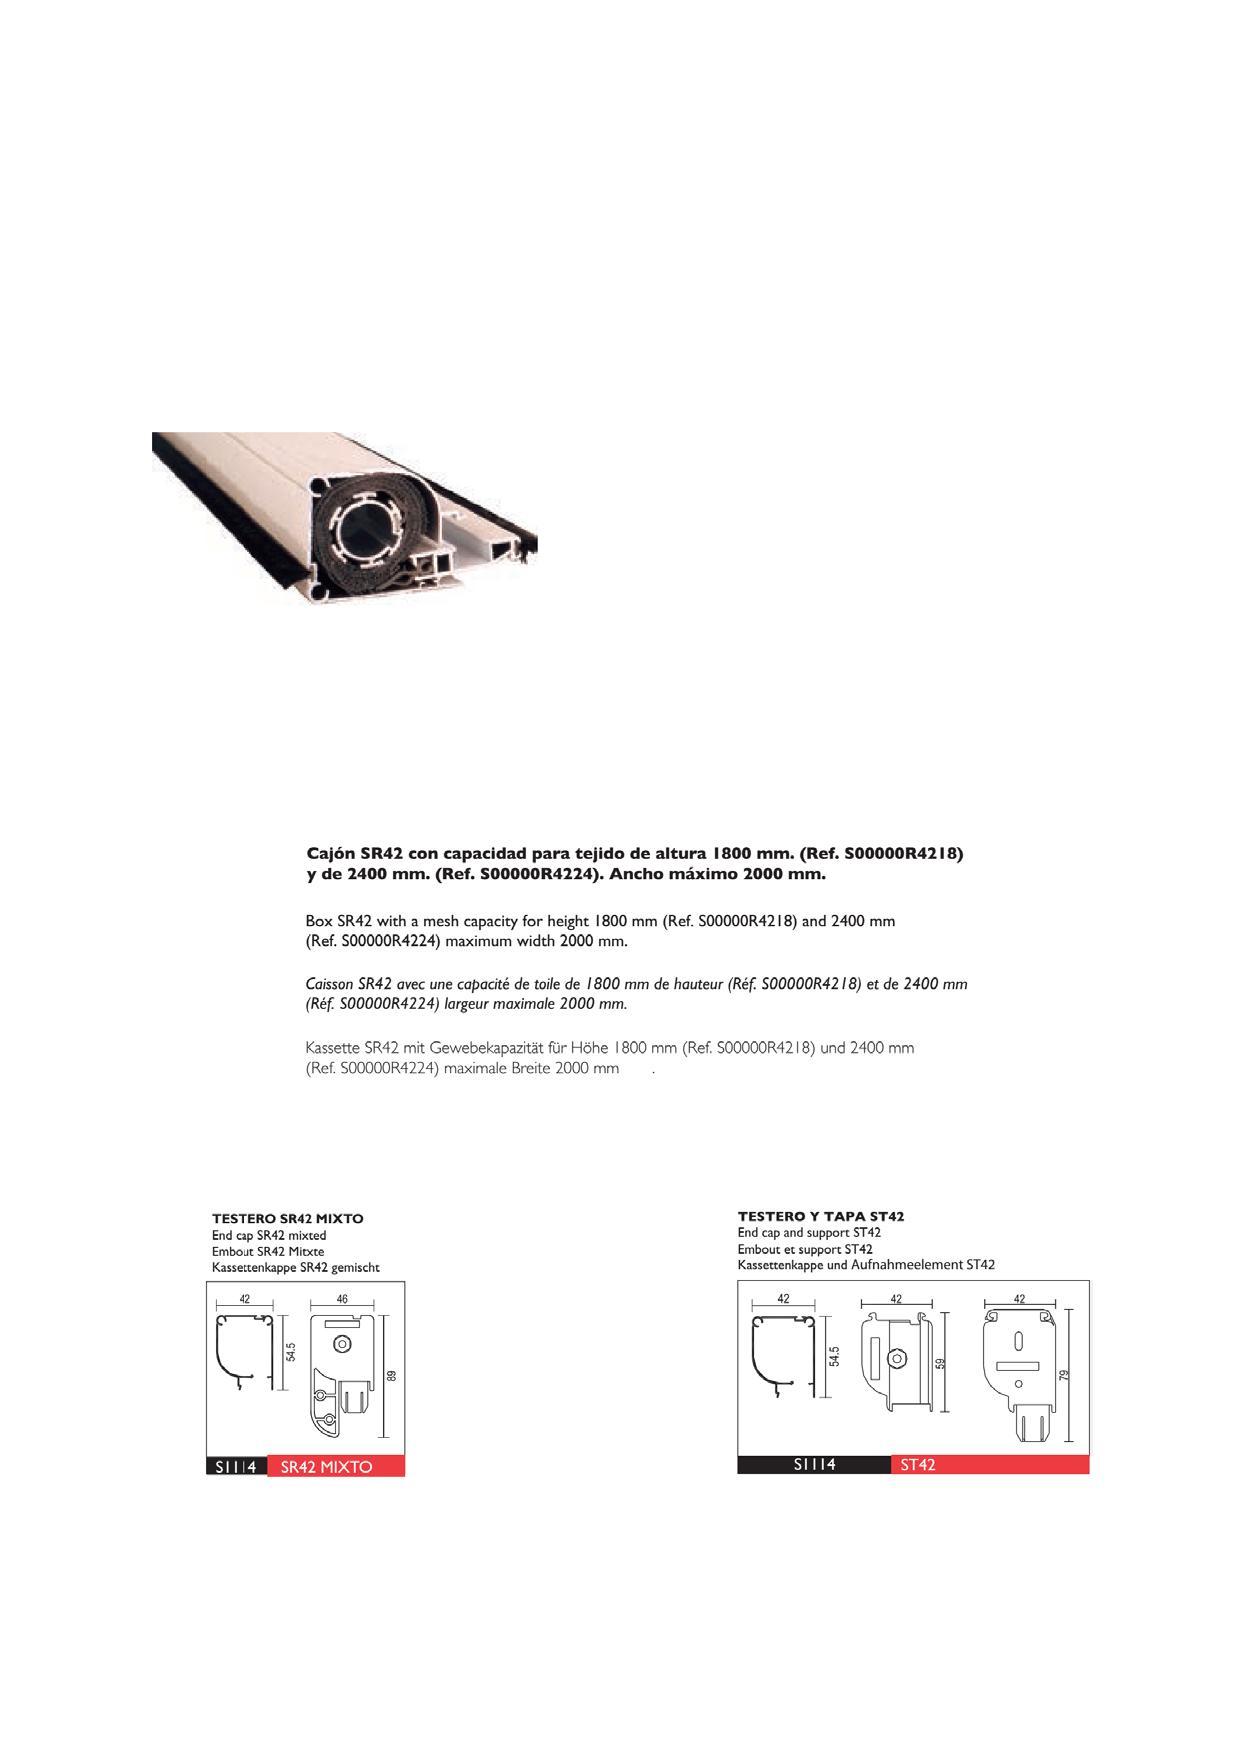 Rollo-p42-docx-page-004